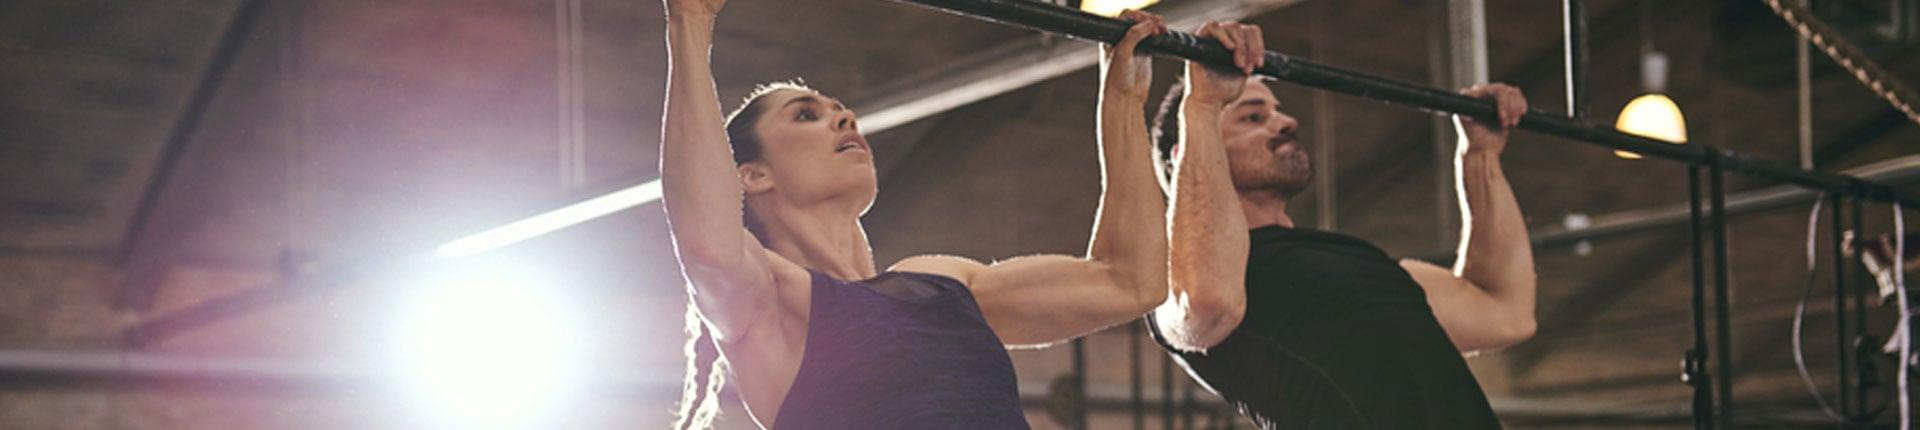 Muscle up - jak go zrobić, jak trenować?